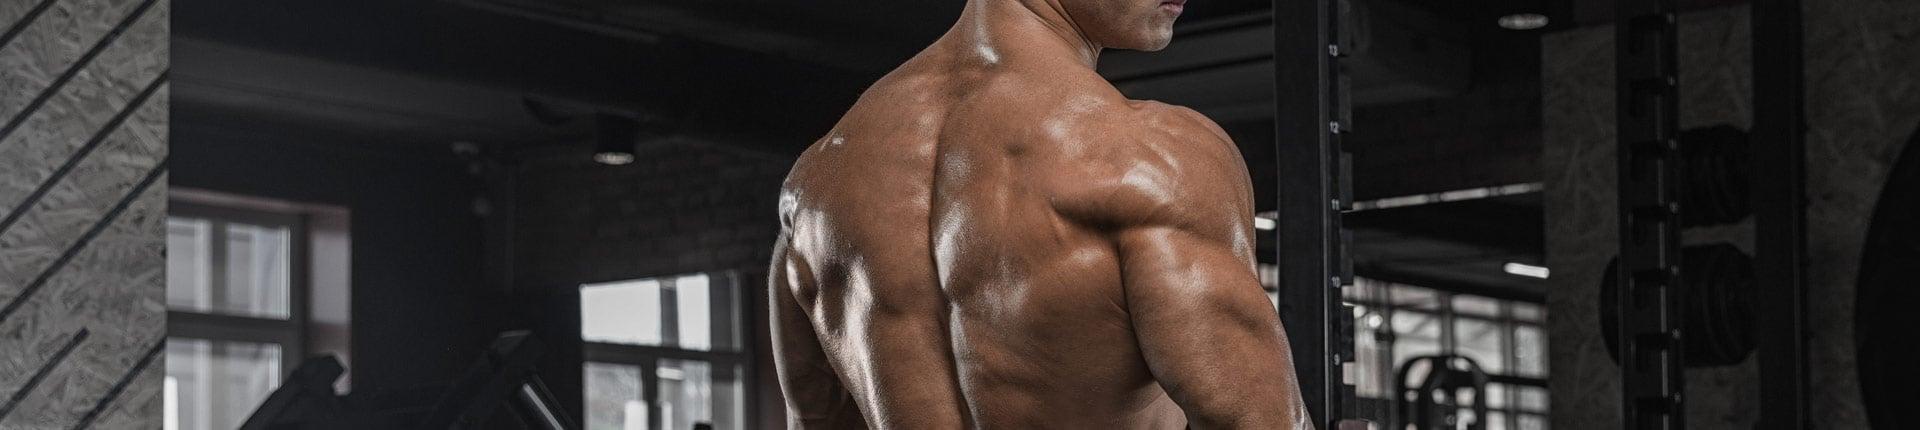 7 ćwiczeń na mięśnie czworoboczne, popraw wygląd i funcjonalność kapturów